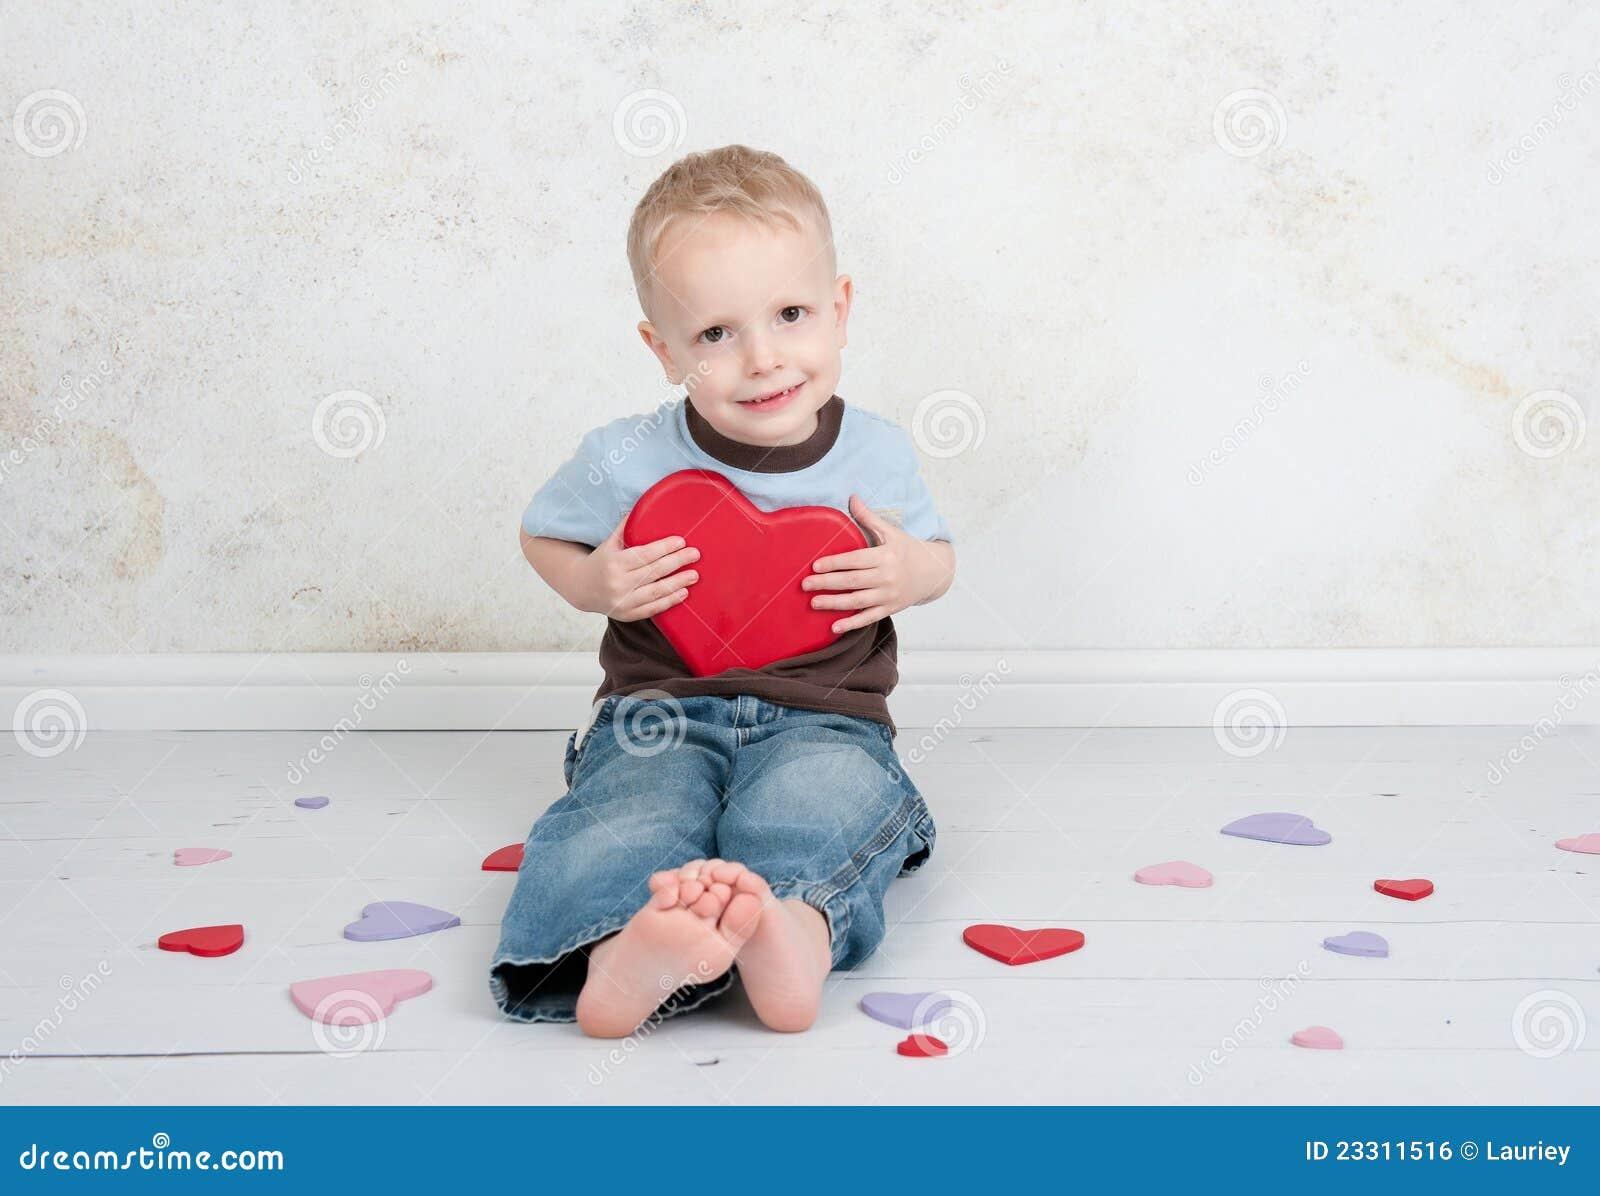 Valentine Love Child